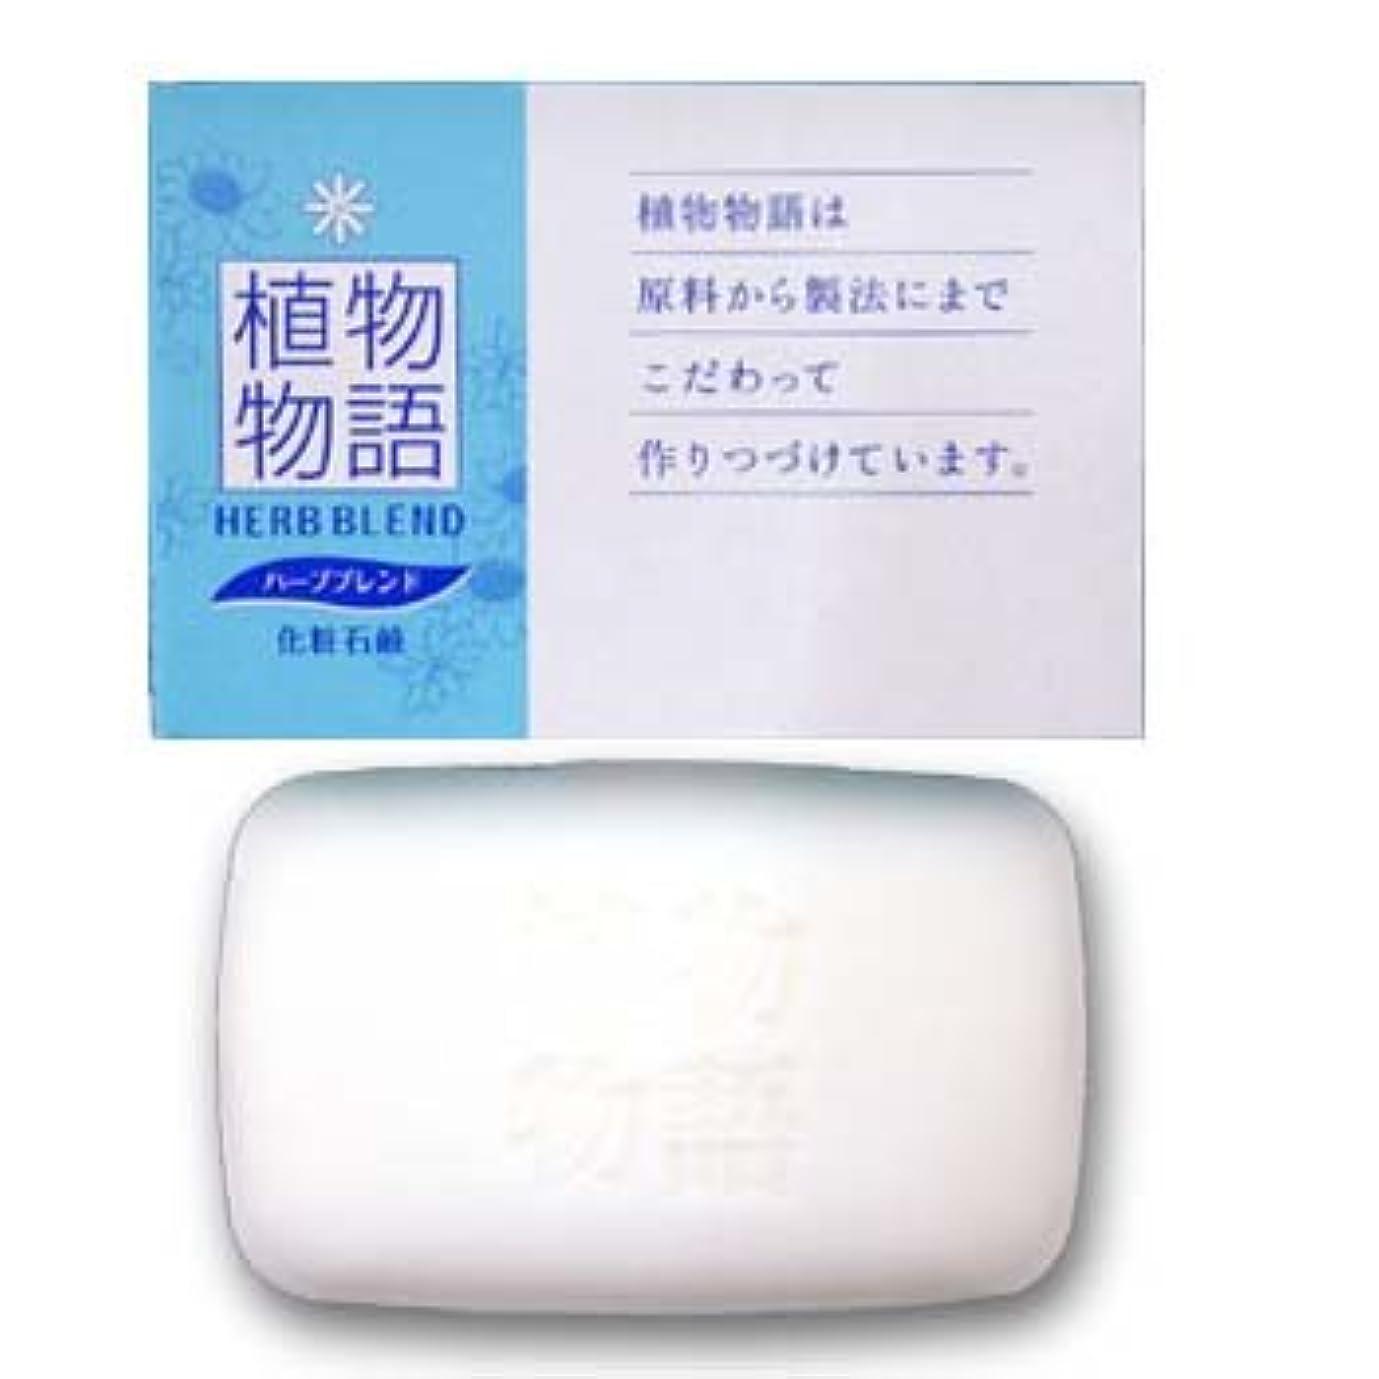 パッチスマイルカポックLION 植物物語石鹸80g化粧箱入(1セット100個入)